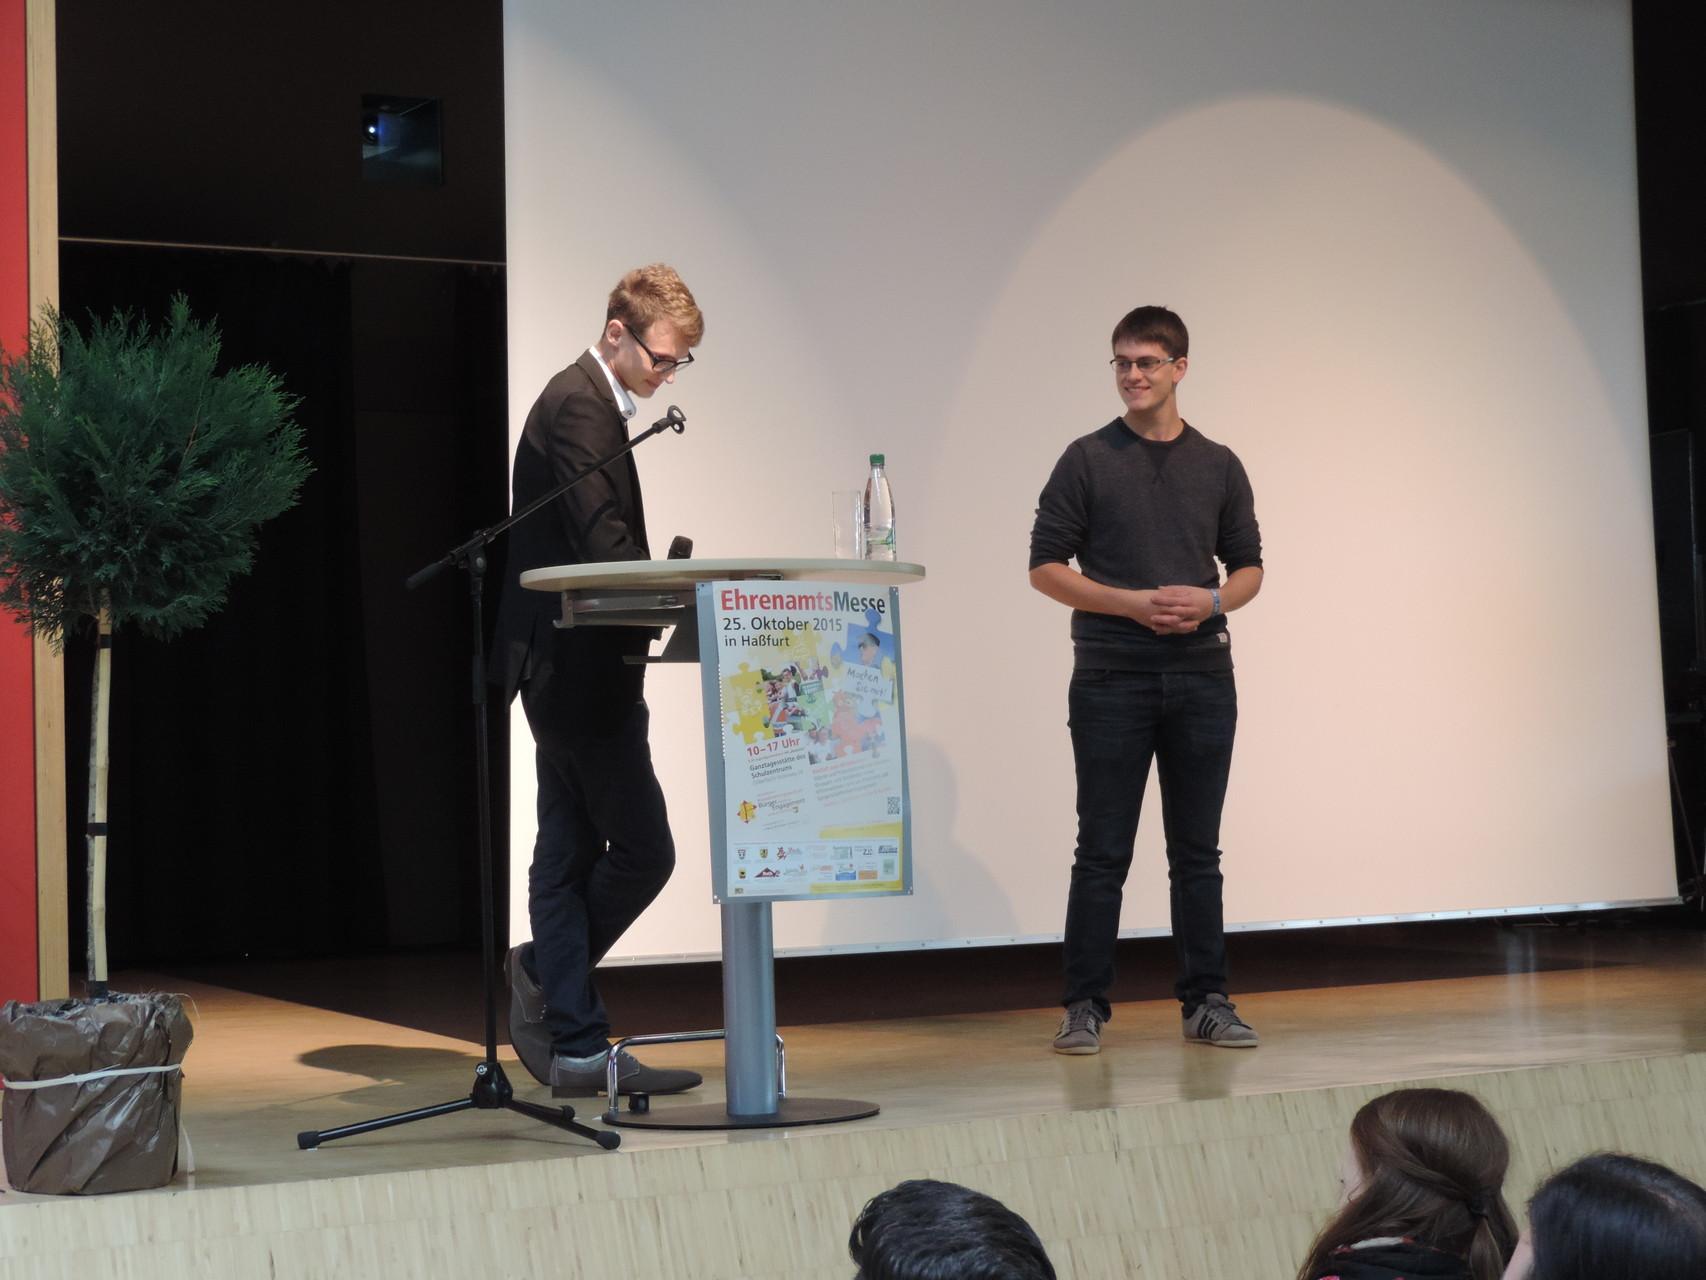 Rechts im Bild Projektleiter Lukas, der sich auf der Bühne seinen verdienten Applaus für sein ehrenamtliches Engagement abholt ;) Er hat den Kurzfilm gedreht, geschnitten, vertont...